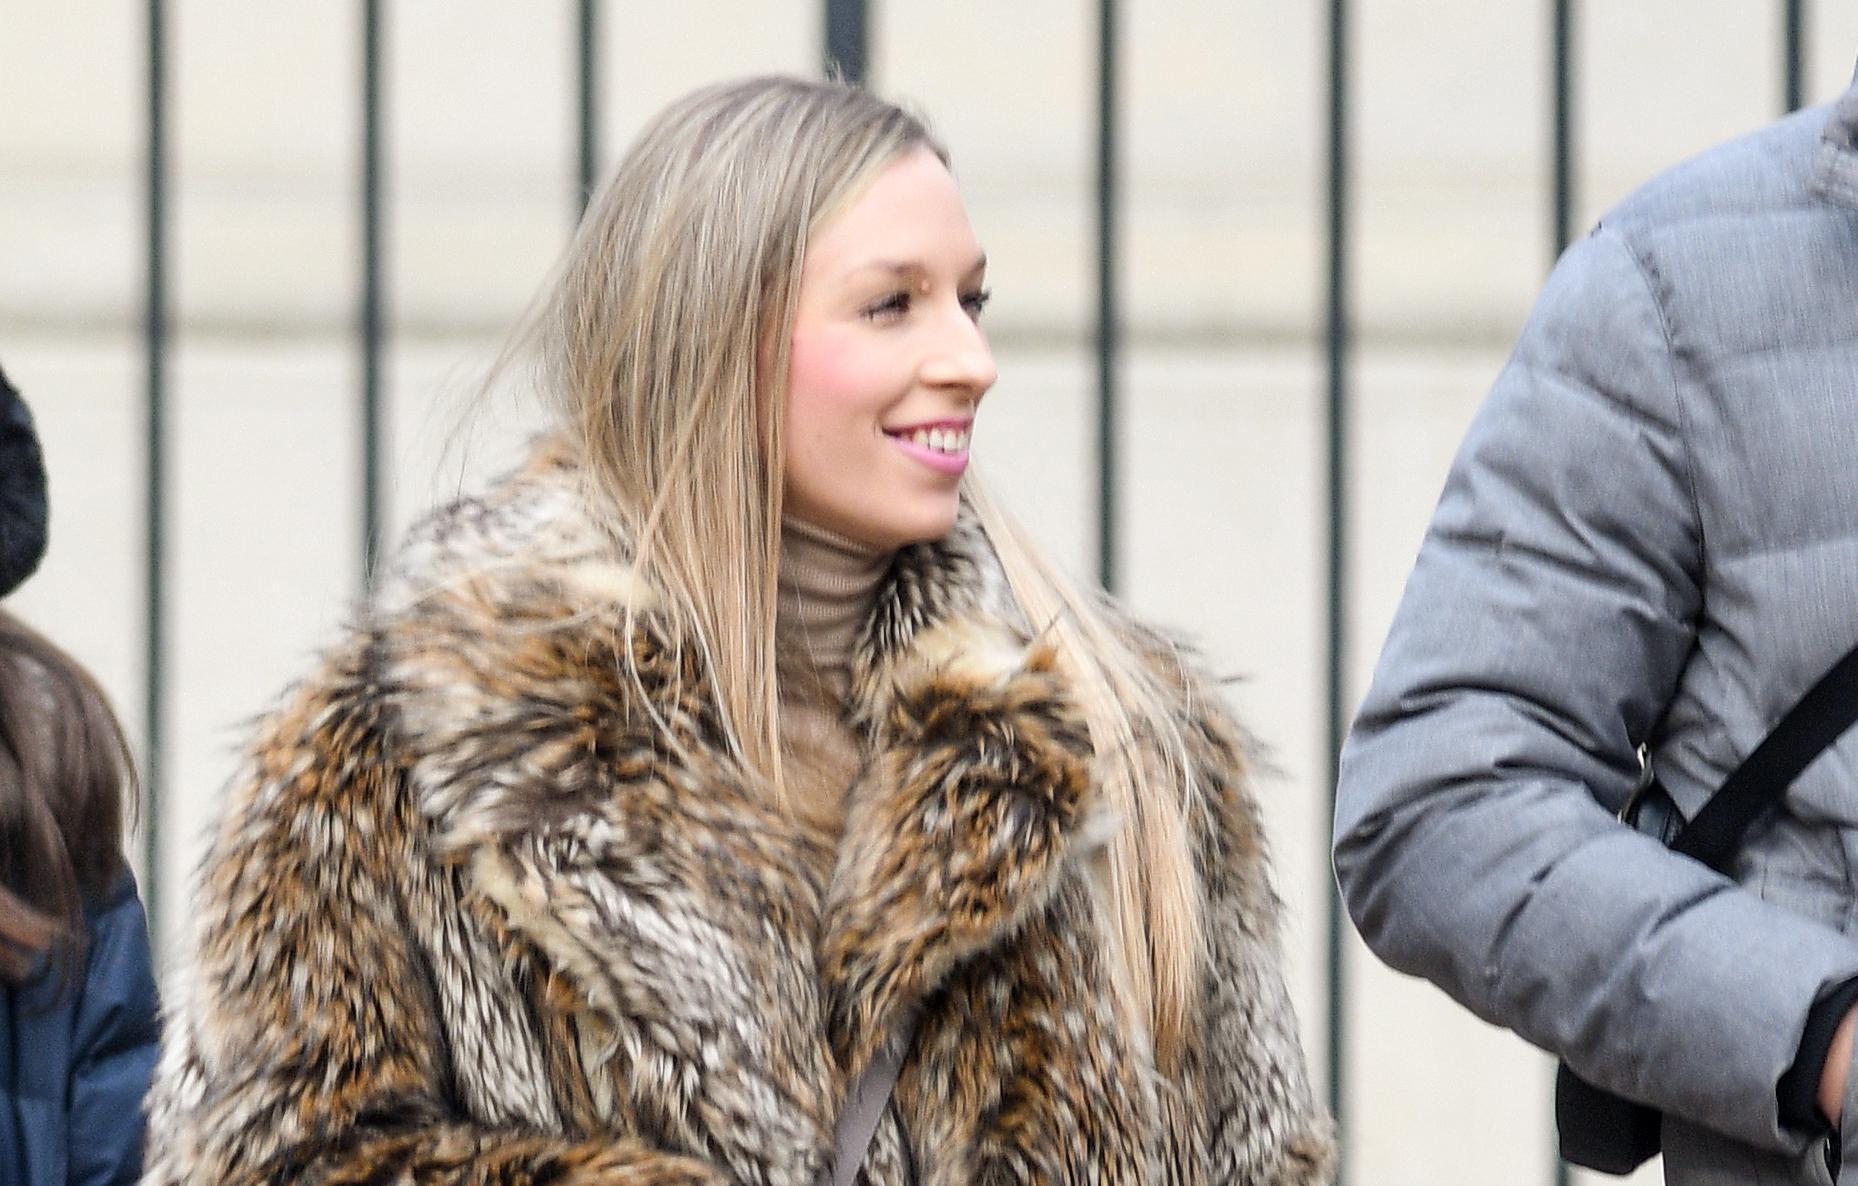 Tako jednostavno, a tako efektno: Inspirirajte se stajlingom ljepotice sa špice jer nosi savršen zimski outfit